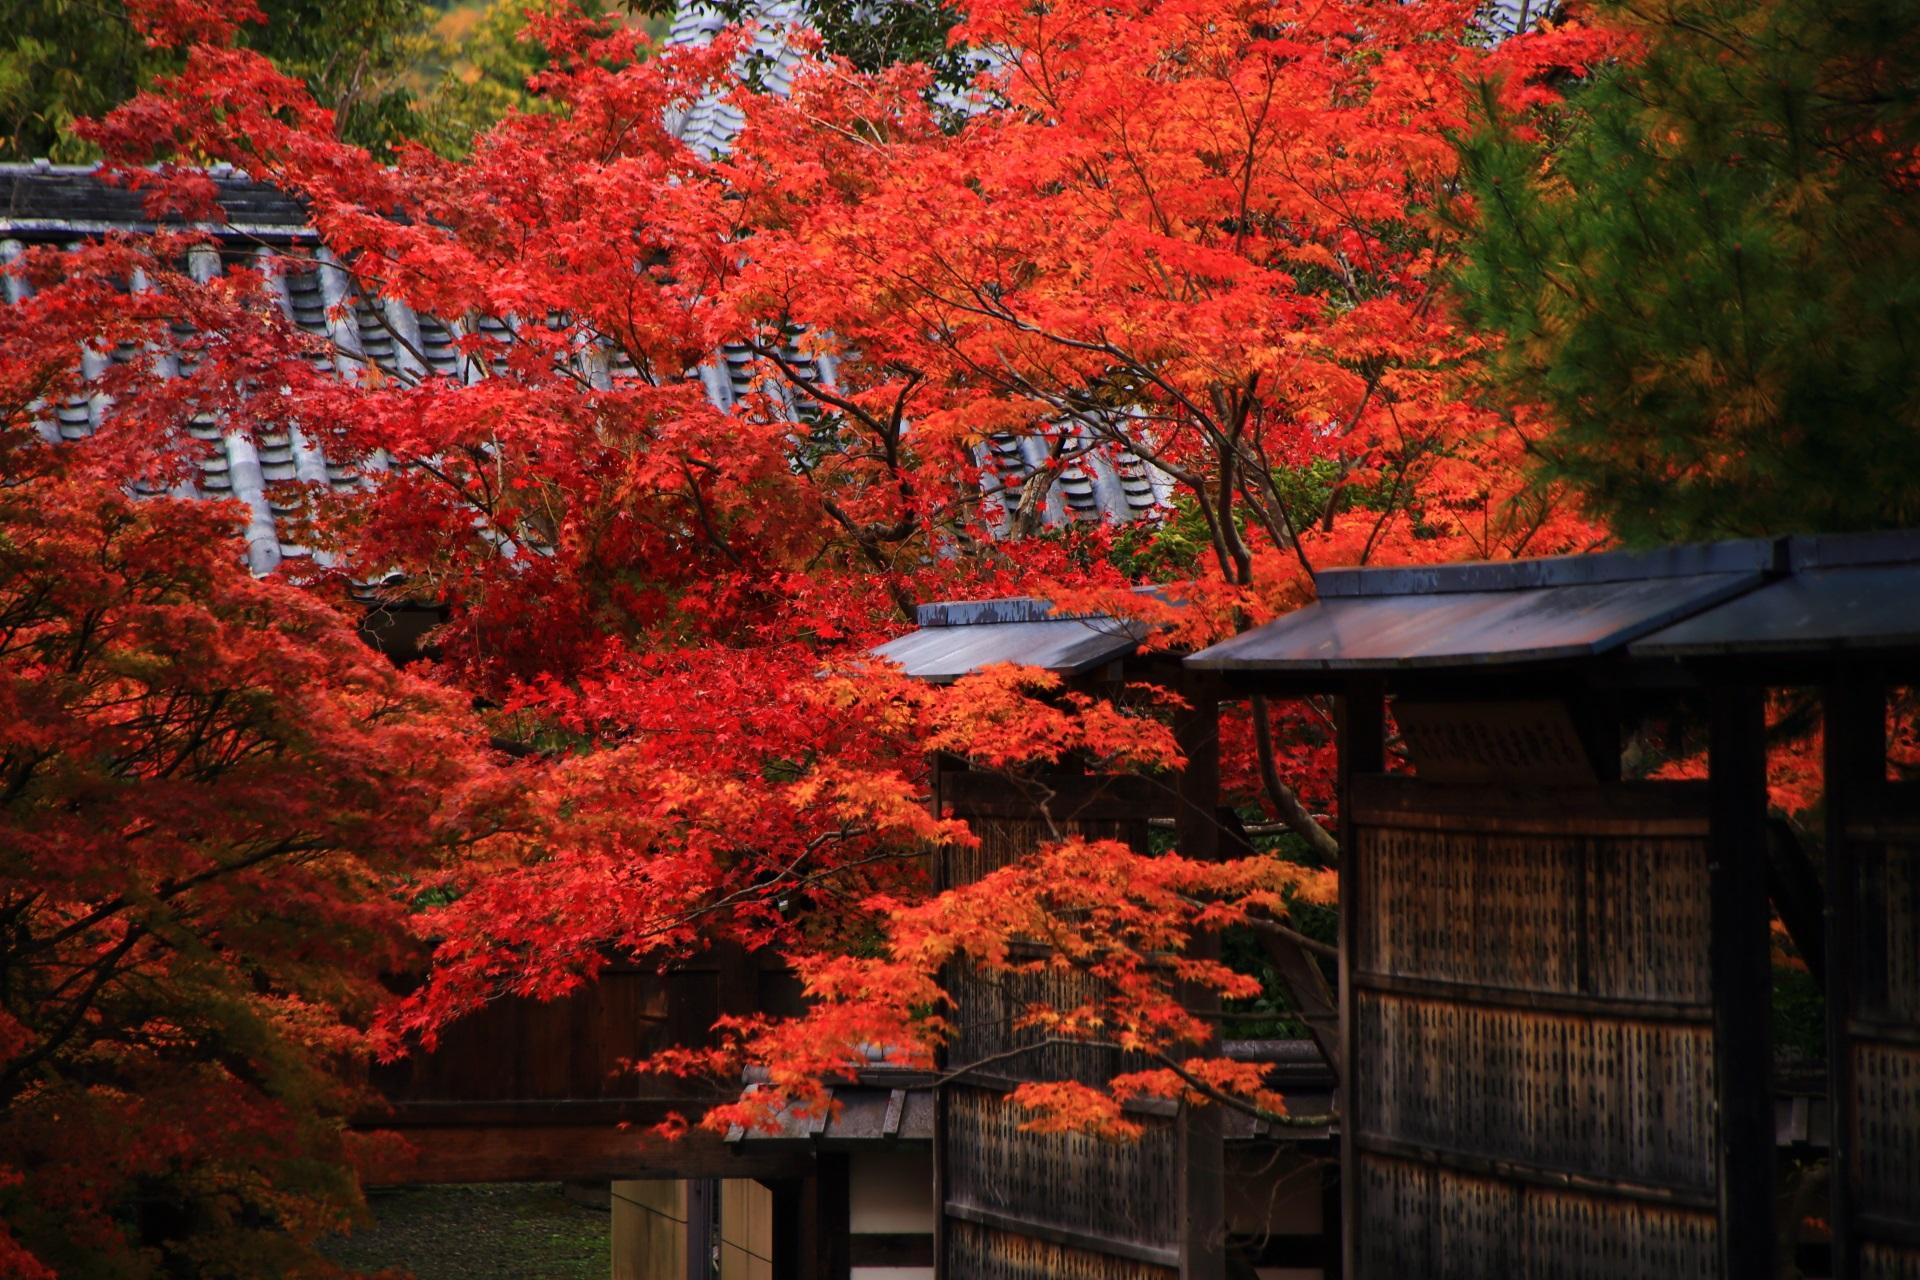 清涼寺の本堂から眺めた絶品の秋の彩り